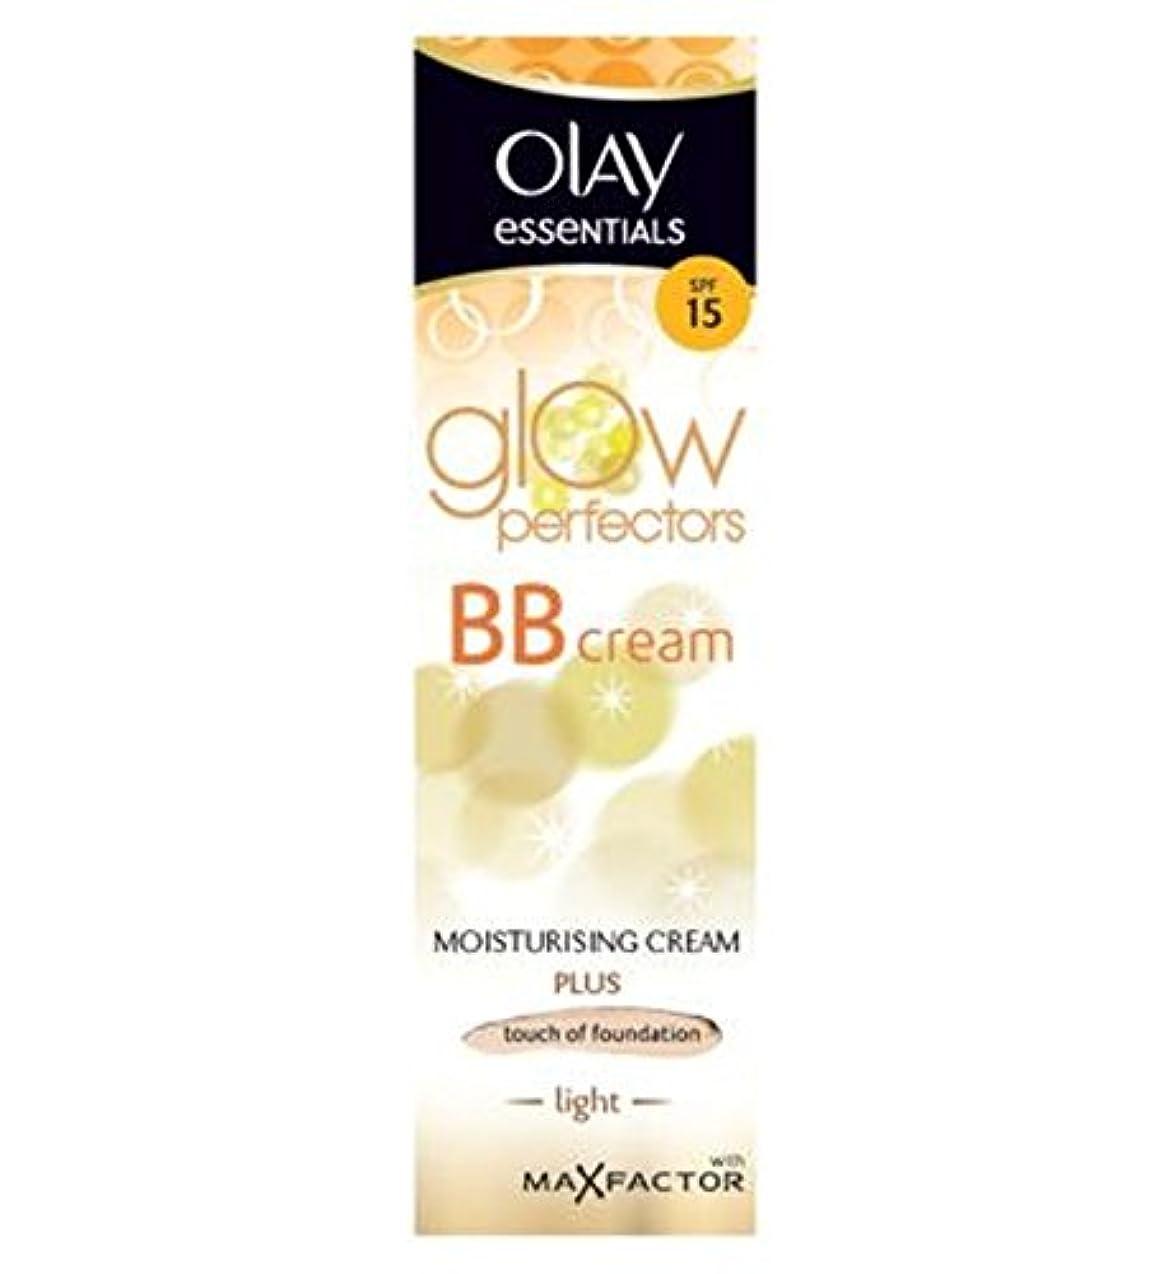 保存する出力ウィザードOlay Complete BB Cream SPF15 Skin Perfecting Tinted Moisturiser 50ml - Fair - 着色保湿50ミリリットルを完成オーレイ完全なBbクリームSpf15...